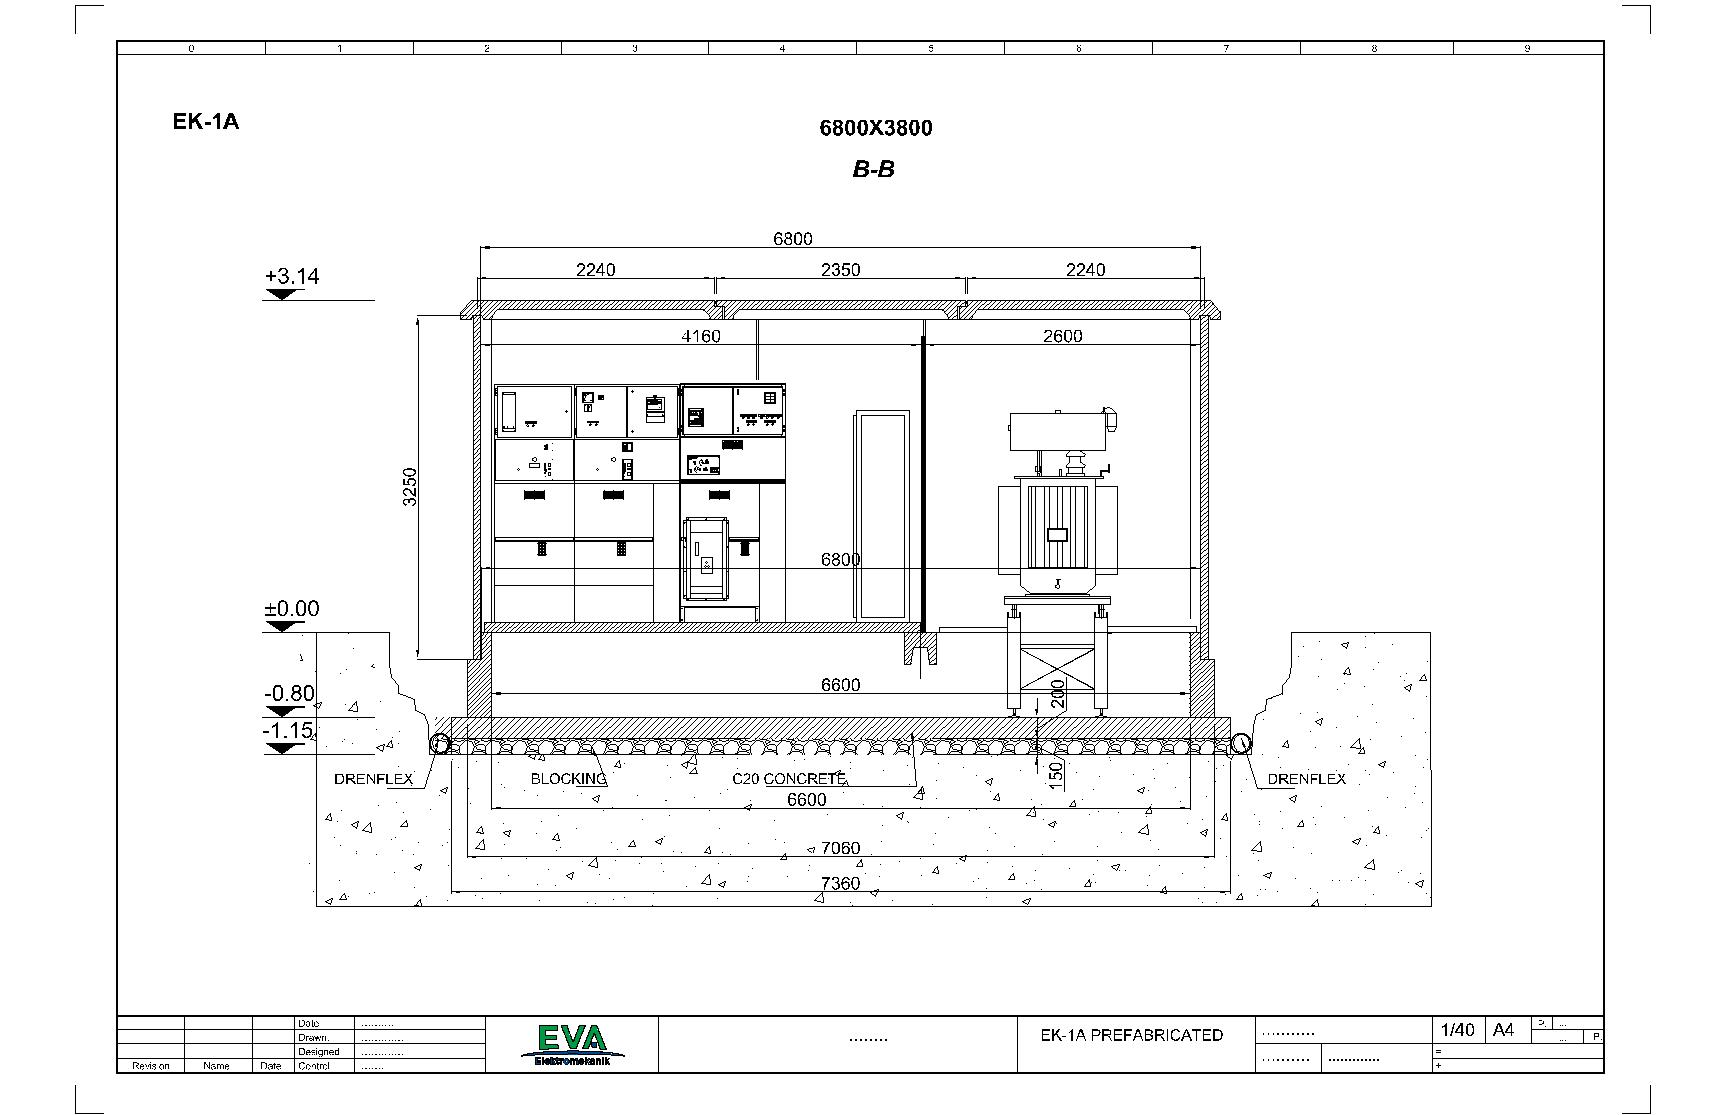 محطة توزيع مسبقة الصنع (3140) (3800) (6800) مم ملحق1 – أ